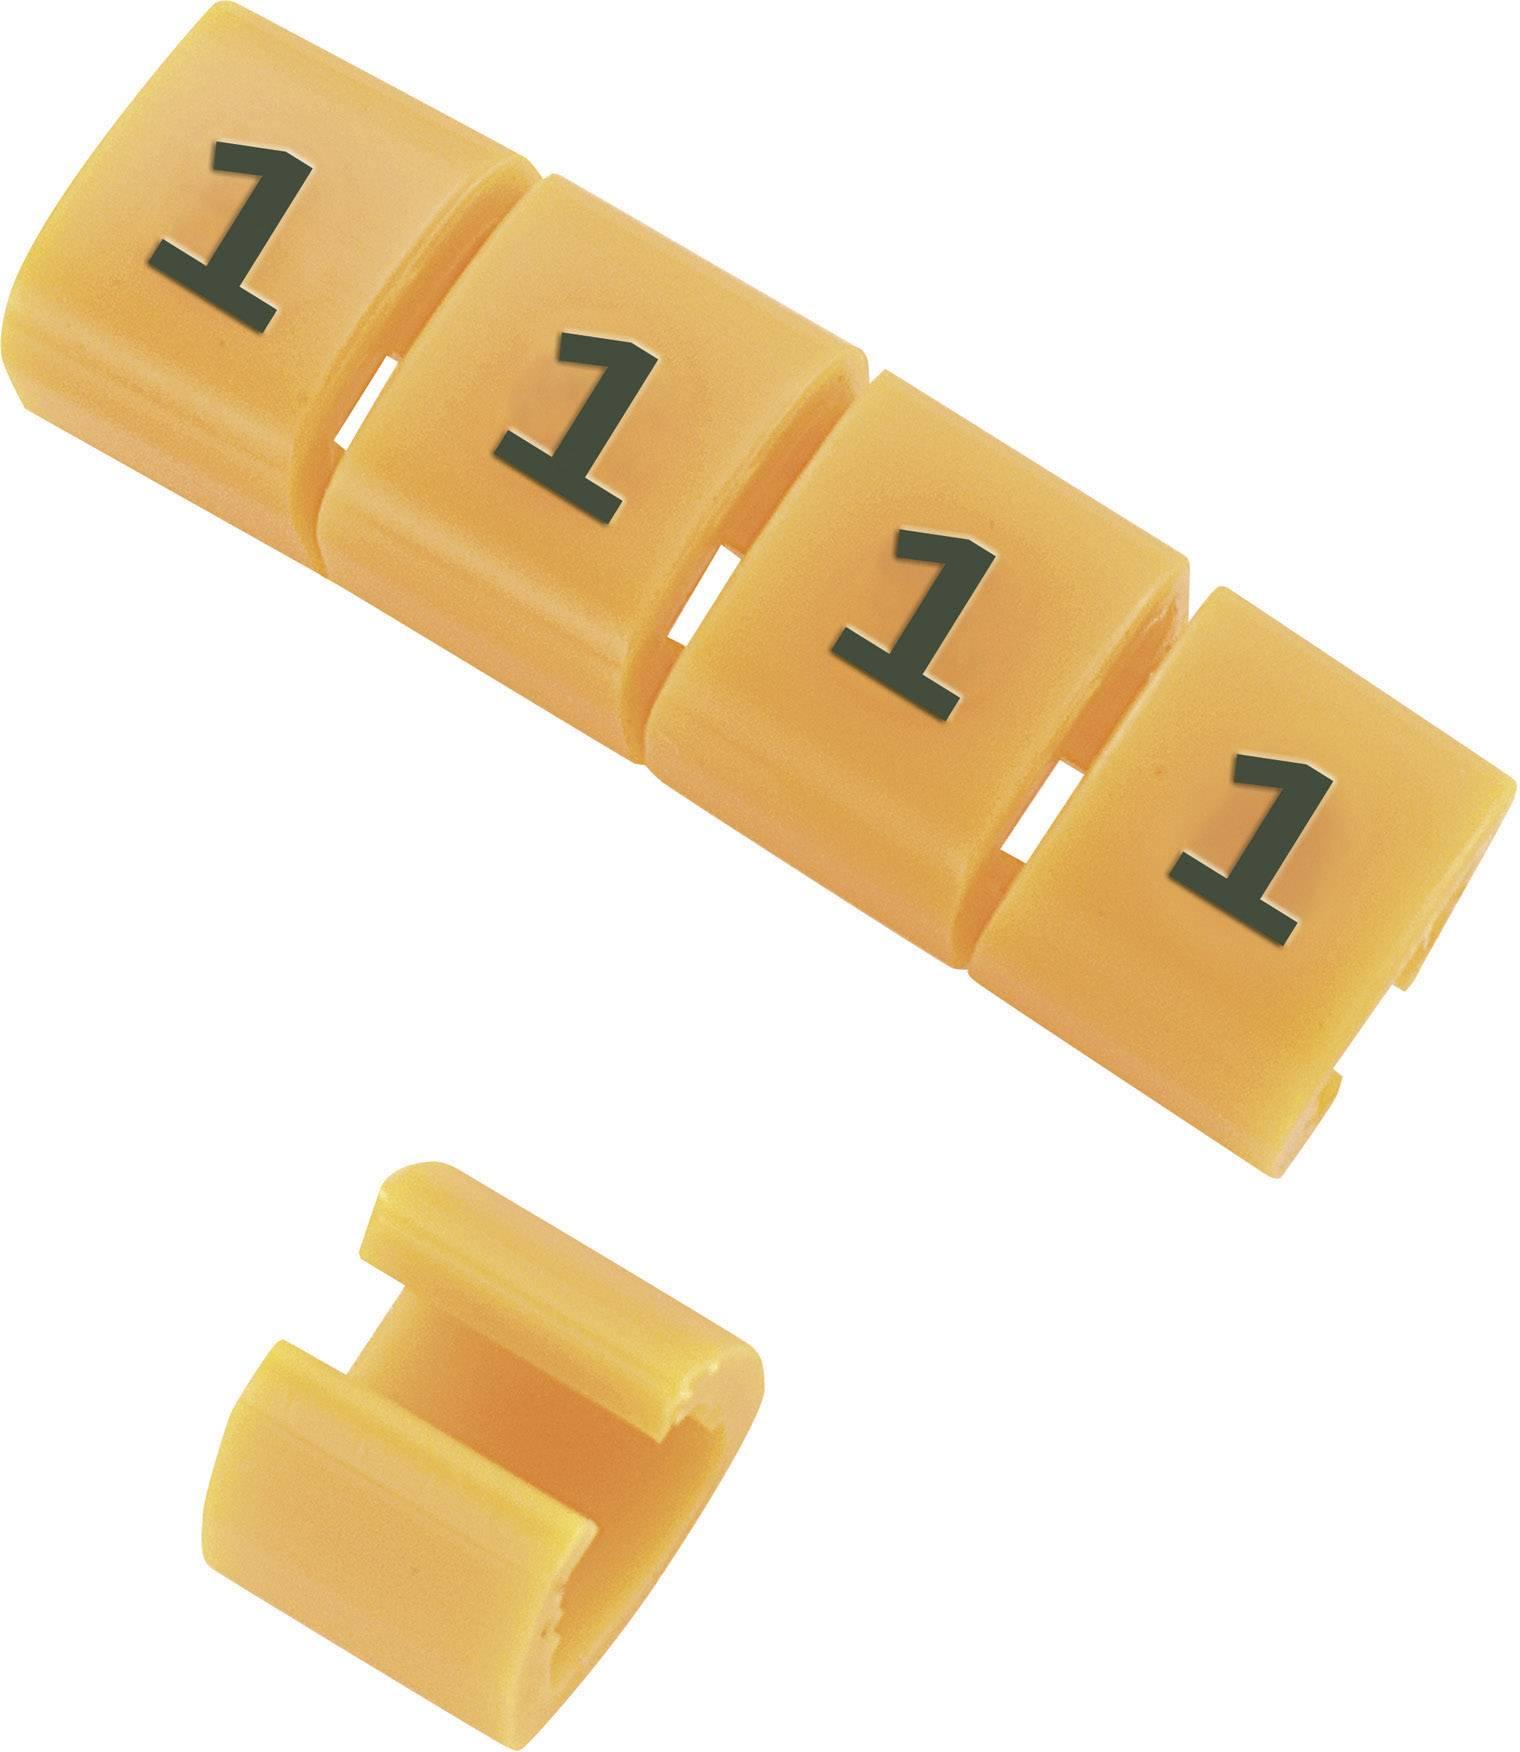 Označovacie objímka na káble KSS MB1/3, oranžová, 10 ks